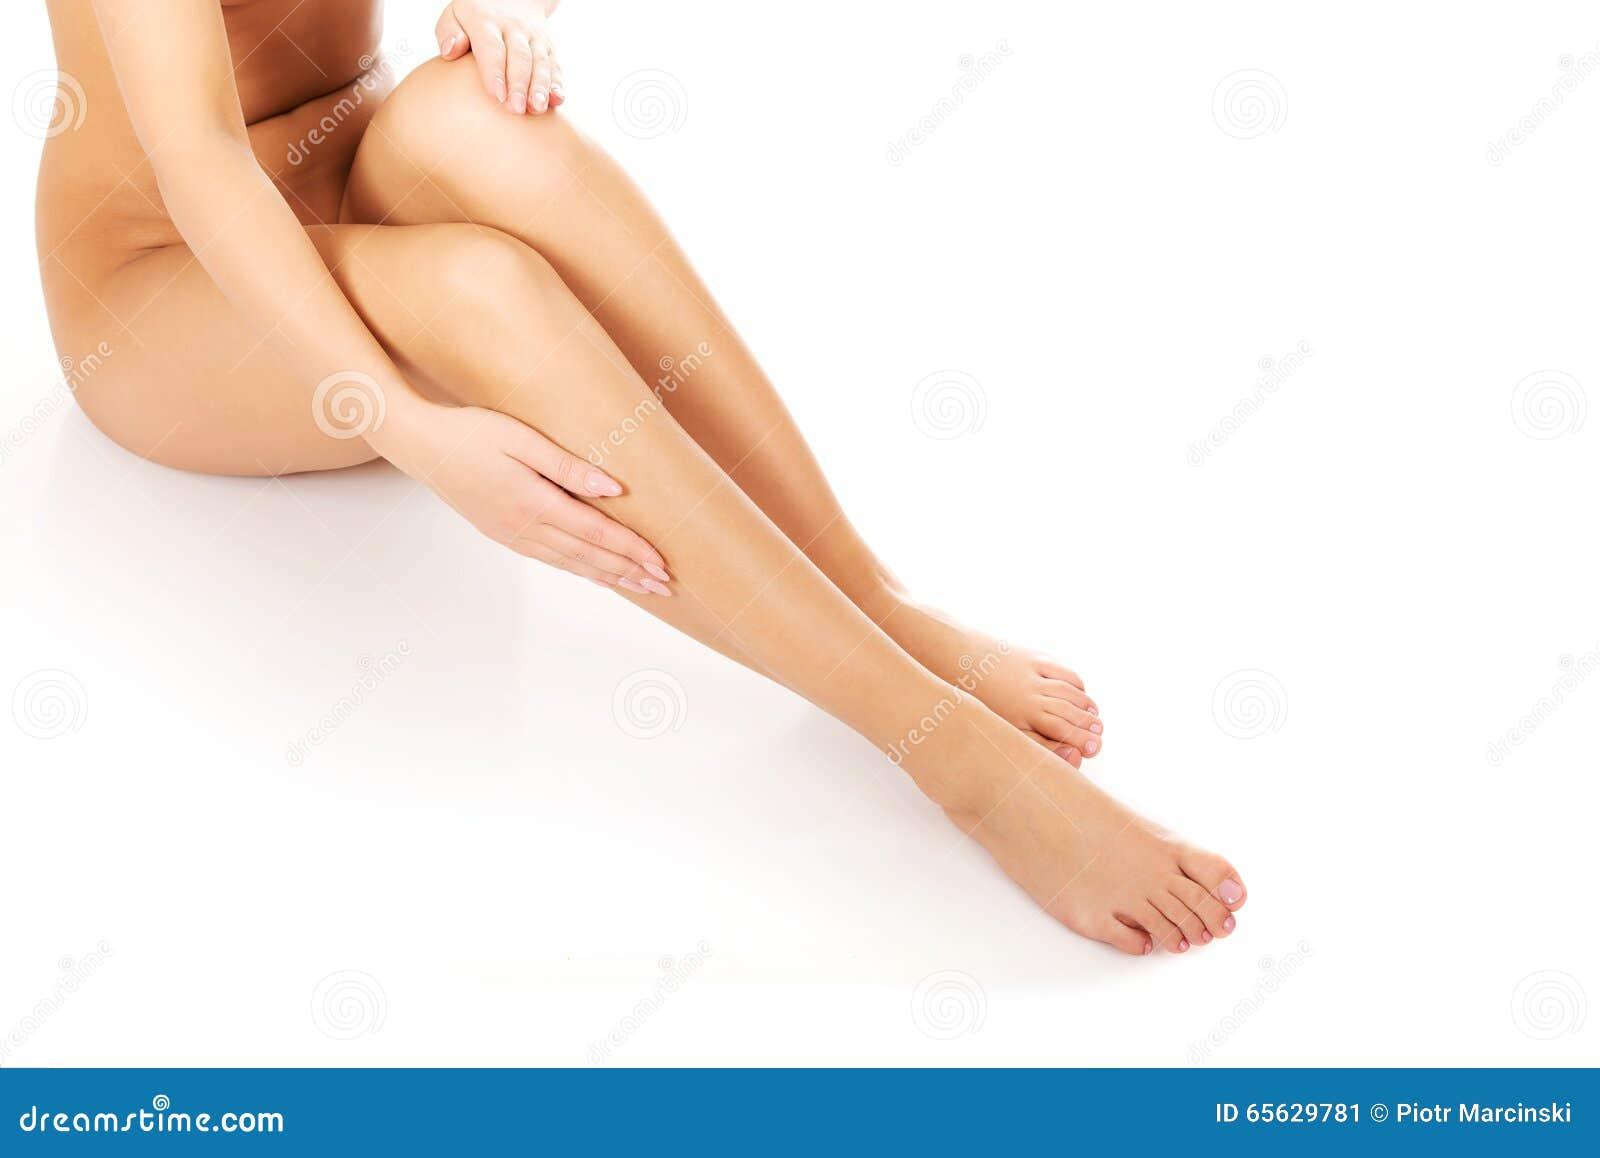 Soins de femme au sujet de ses jambes